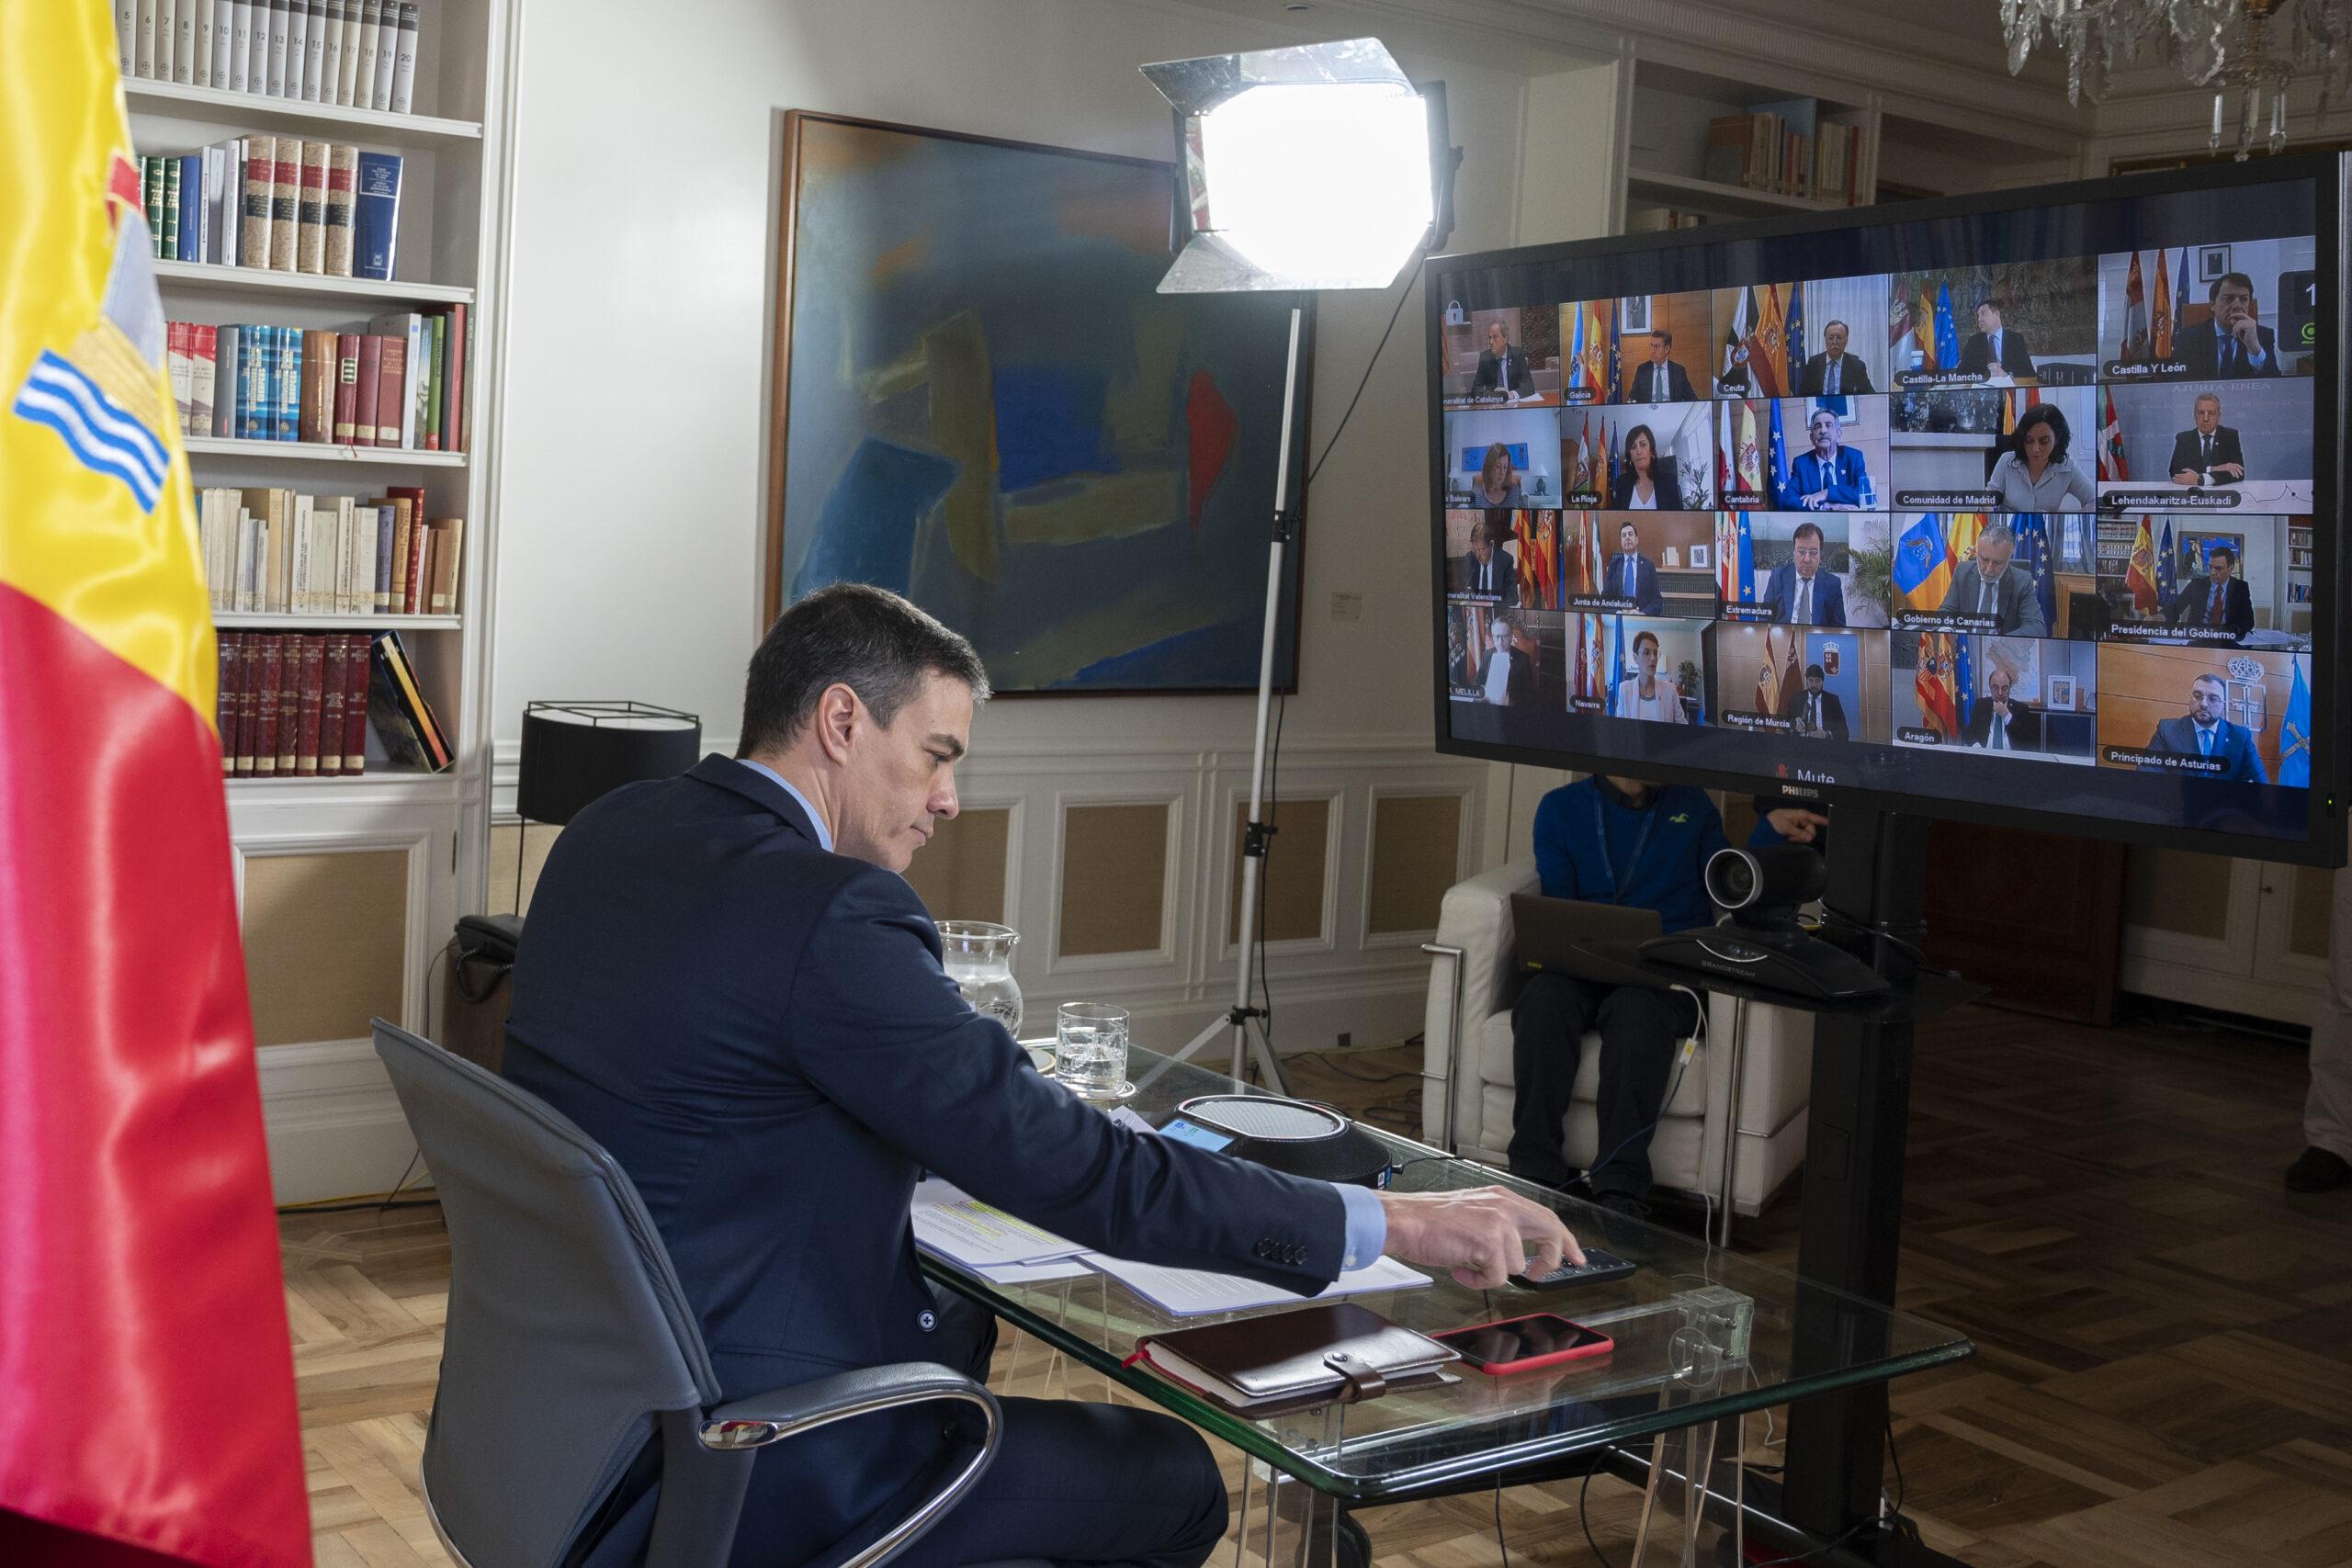 El president del govern espanyol, Pedro Sánchez, durant la reunió amb els presidents autonòmics. Imatge del 15 de març de 2020. (Horitzontal)